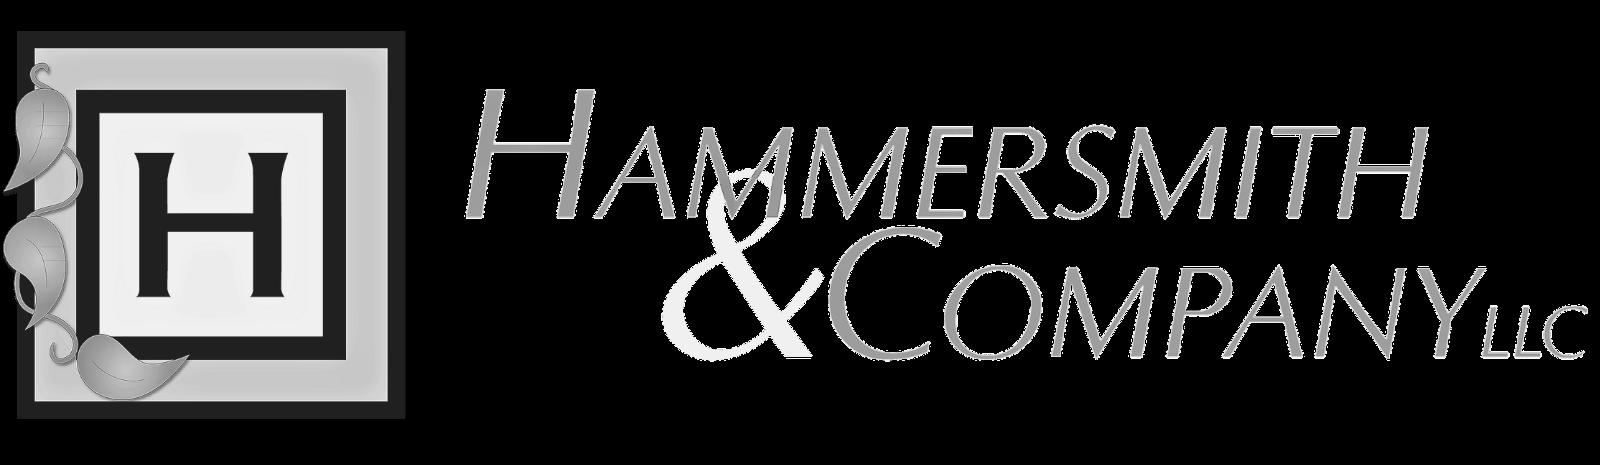 firelands-logo-hammersmith-company